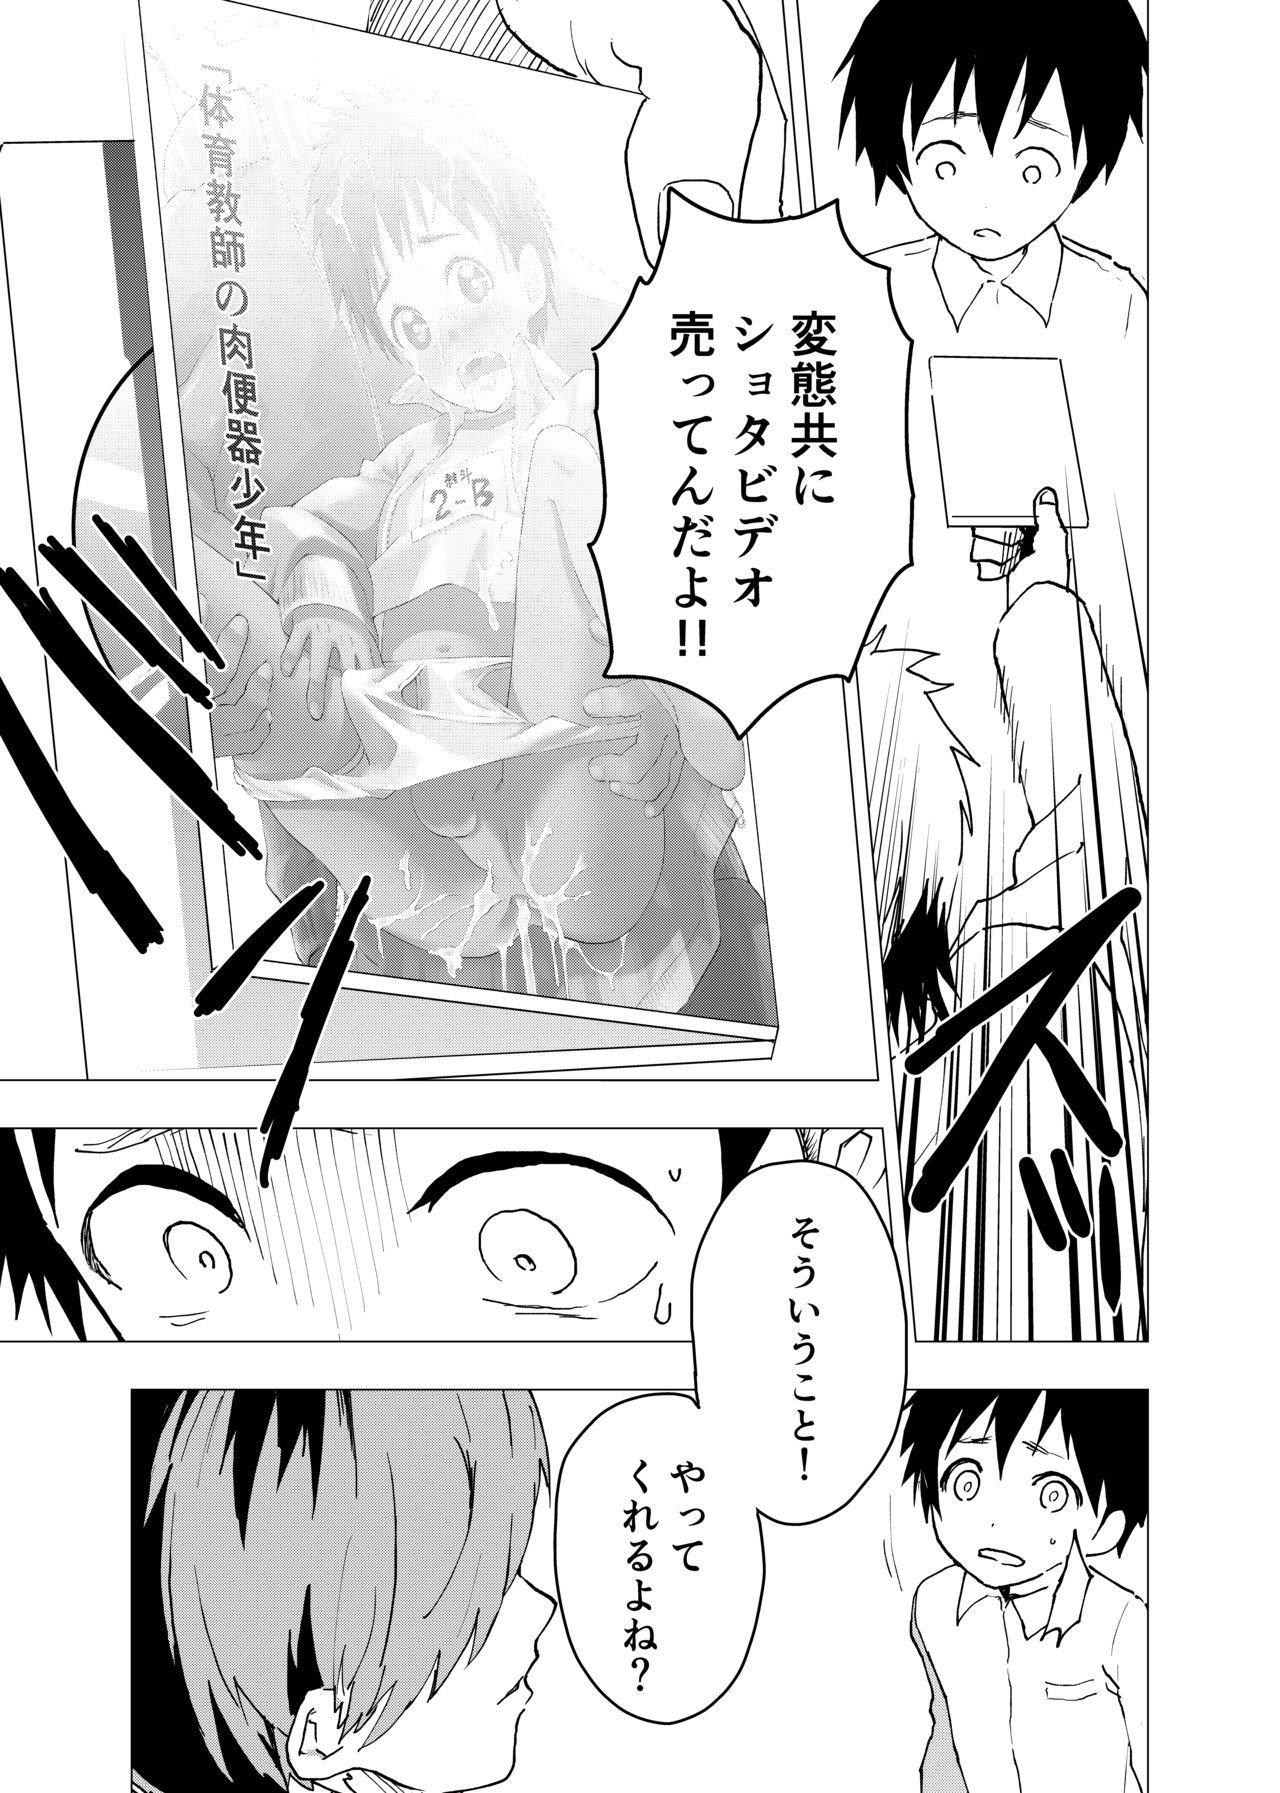 Ibasho ga Nainode Kami-machi Shite Mita Suterareta Shounen no Eromanga 20